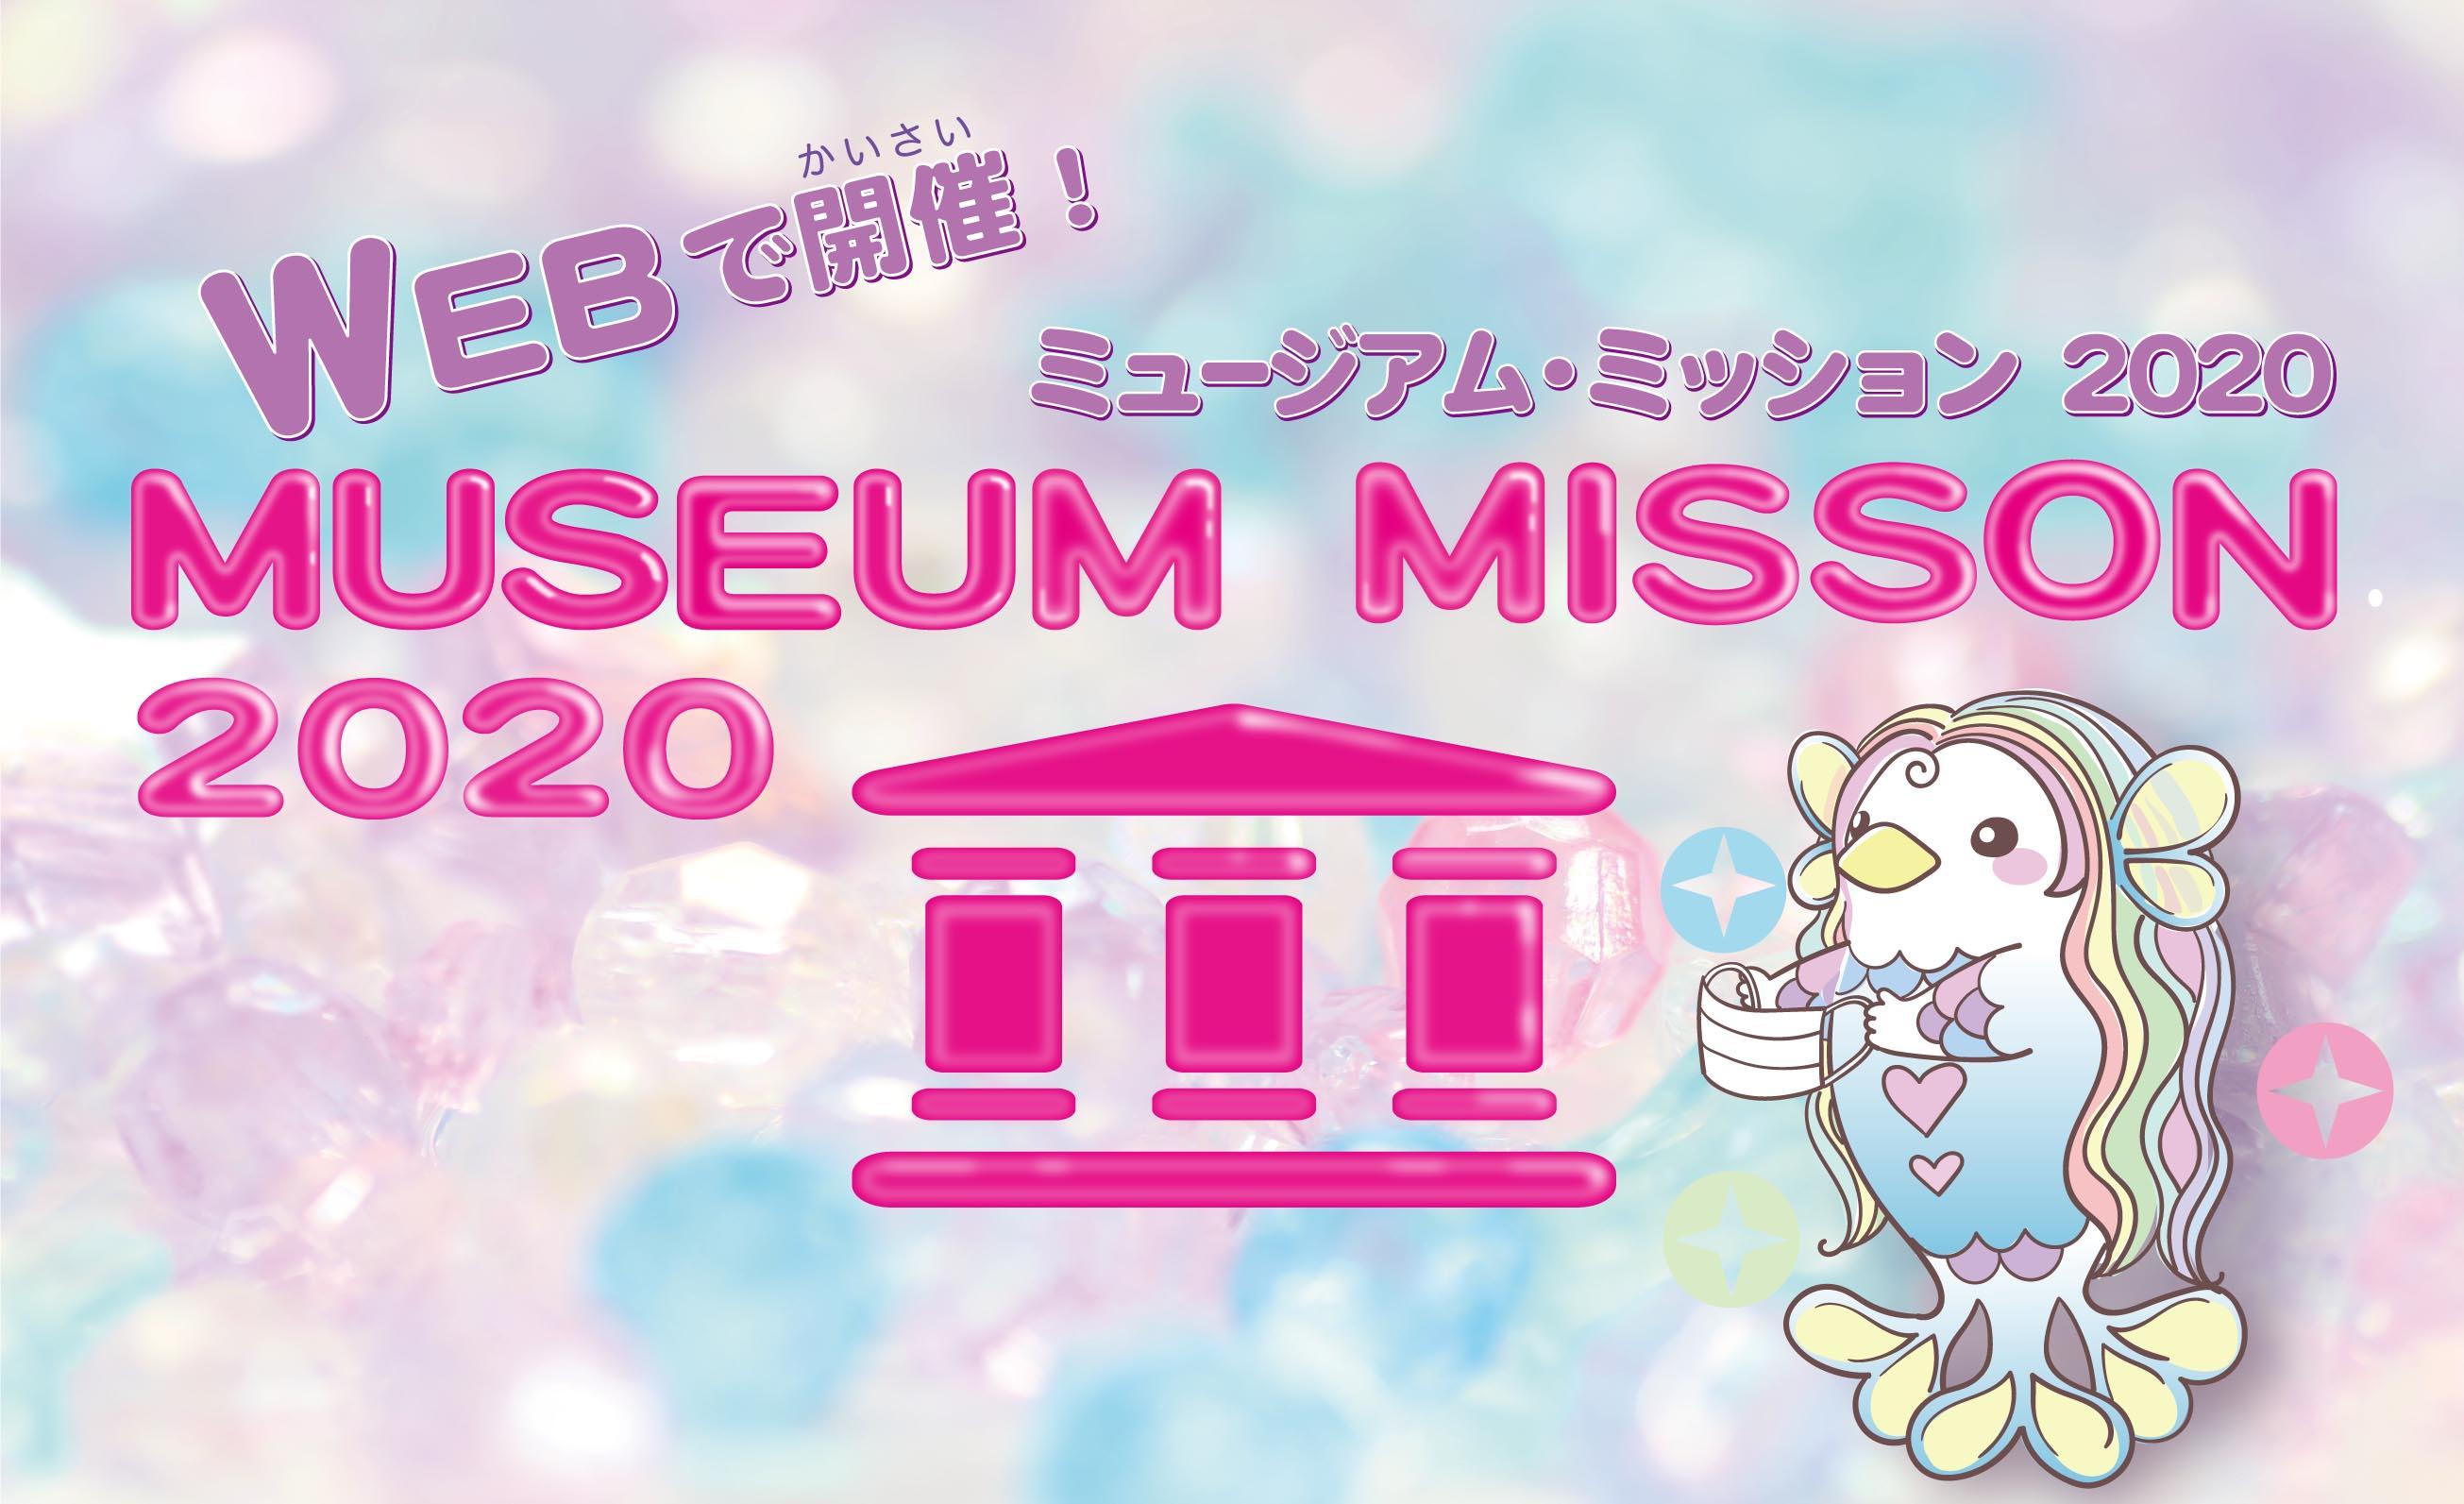 WEBで開催! ミュージアム・ミッション2020